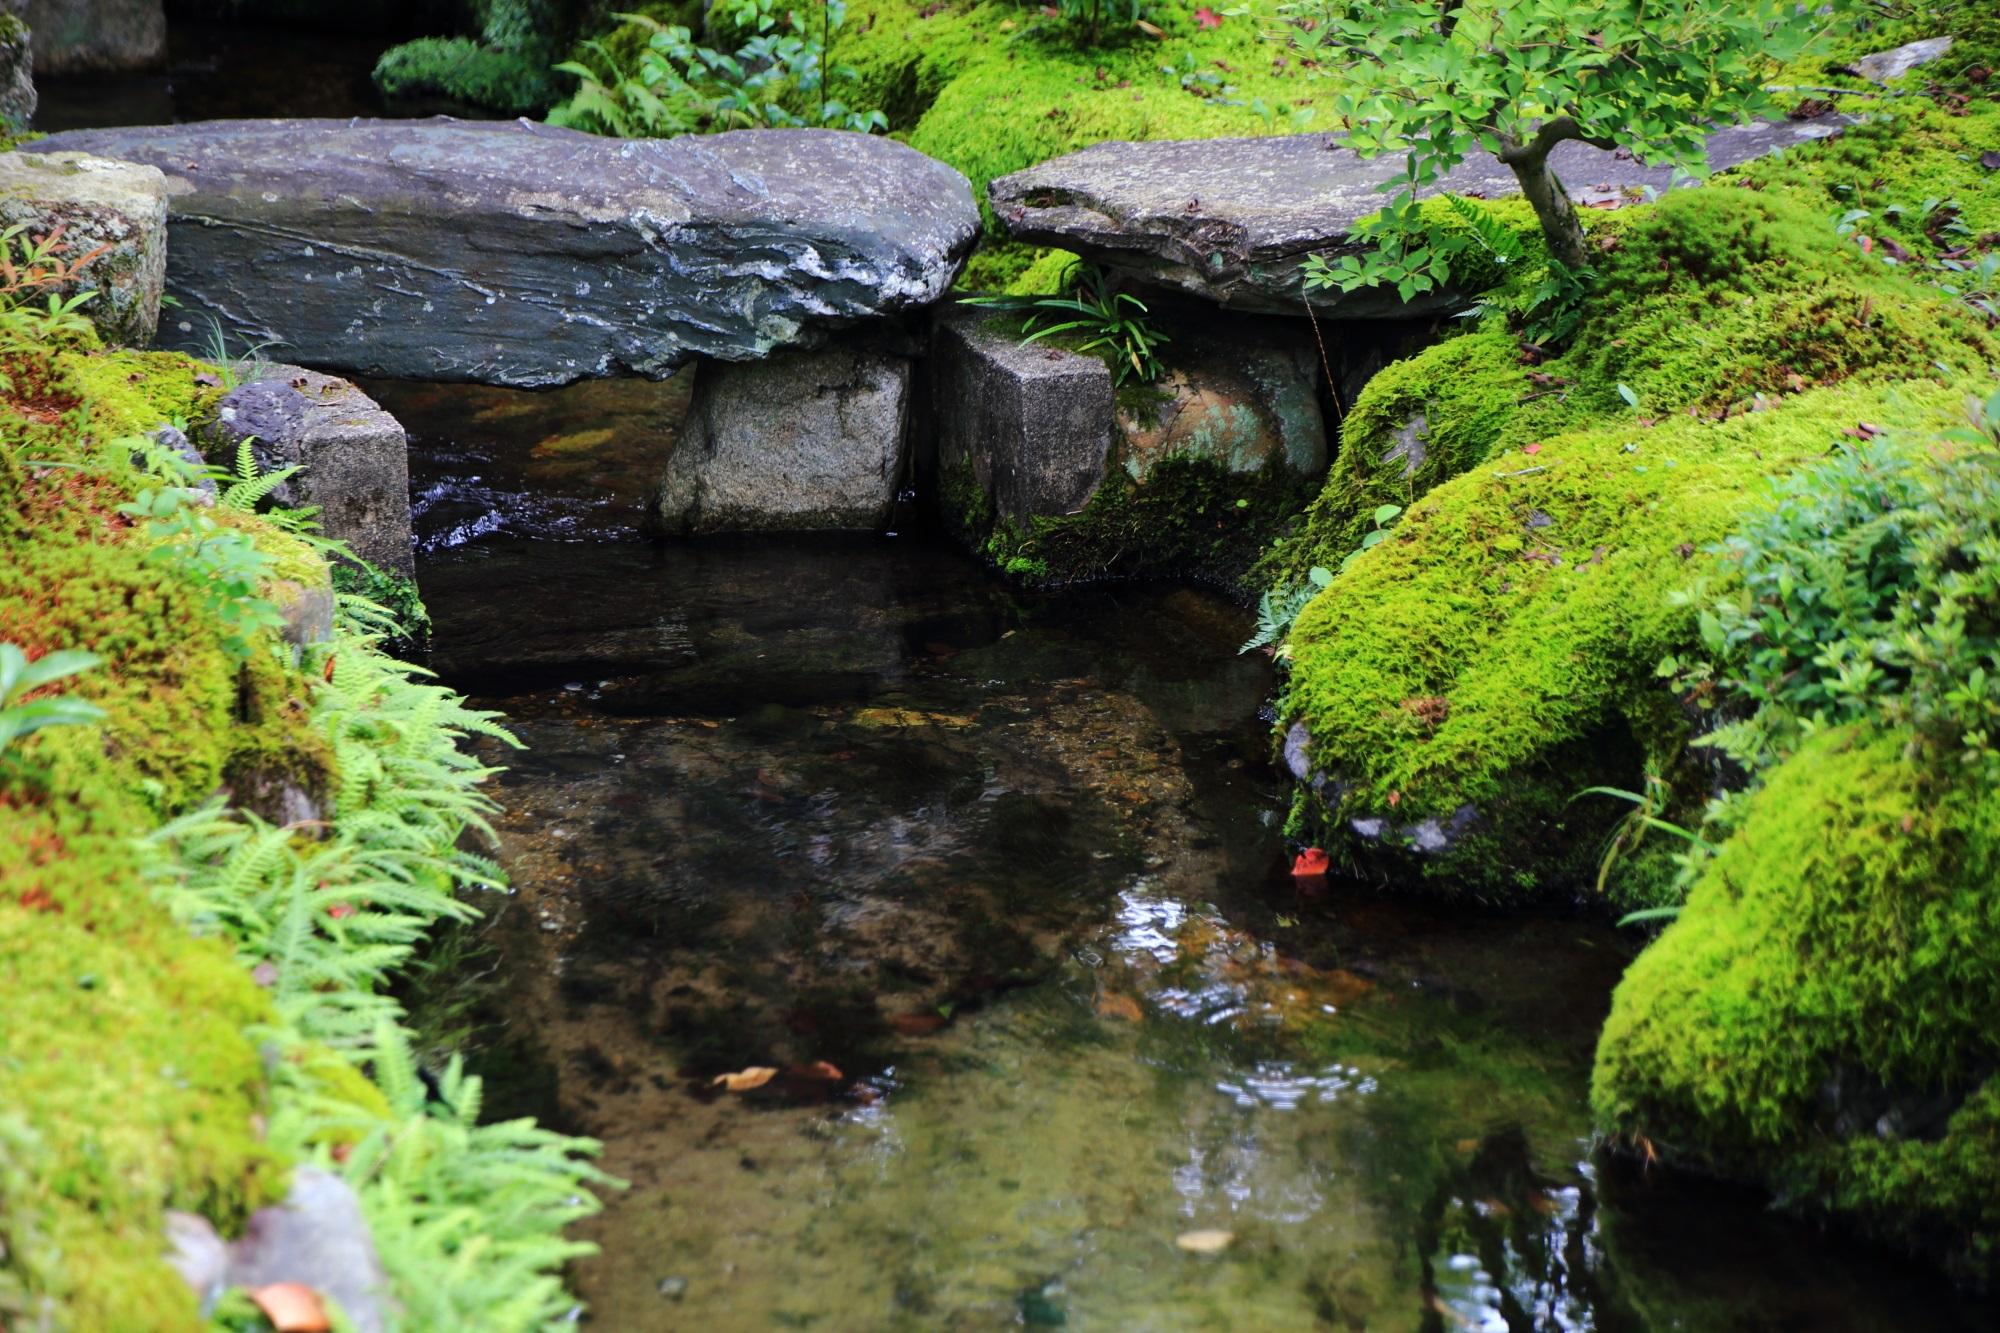 南禅寺大寧軒の池と緑の苔